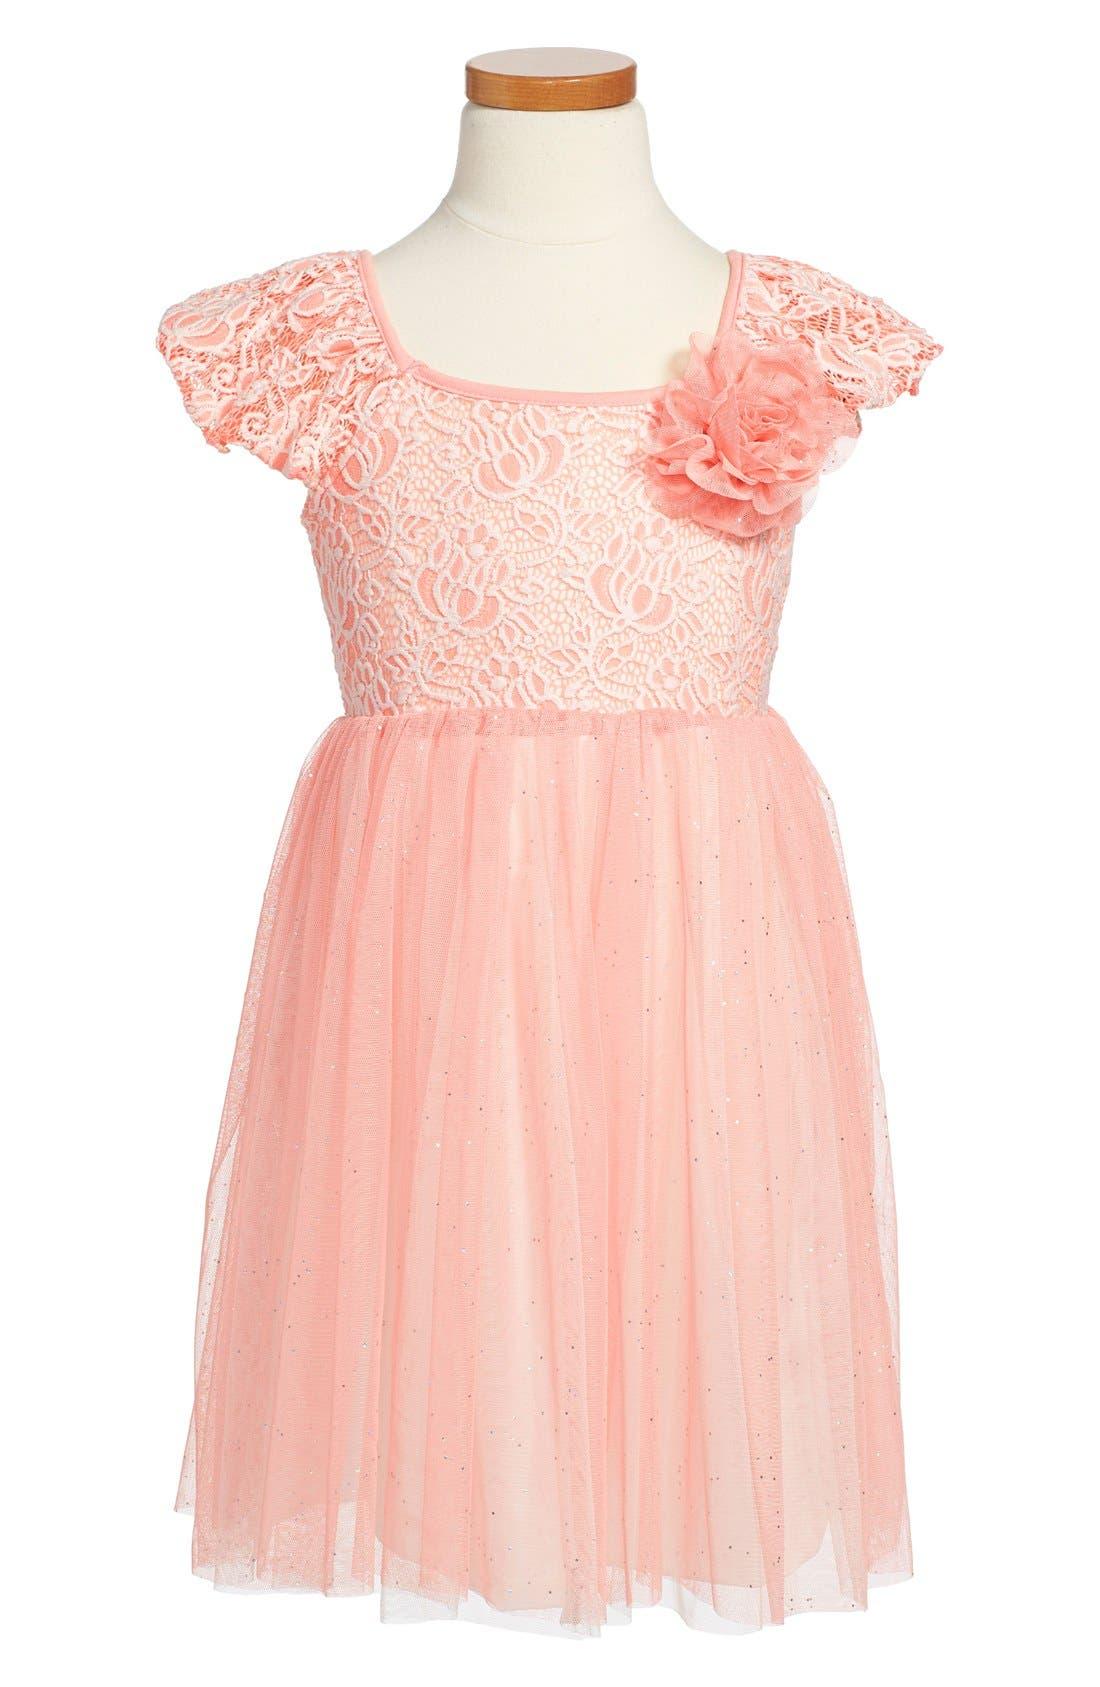 Popatu Tulle Skirt Party Dress (Toddler Girls & Little Girls)